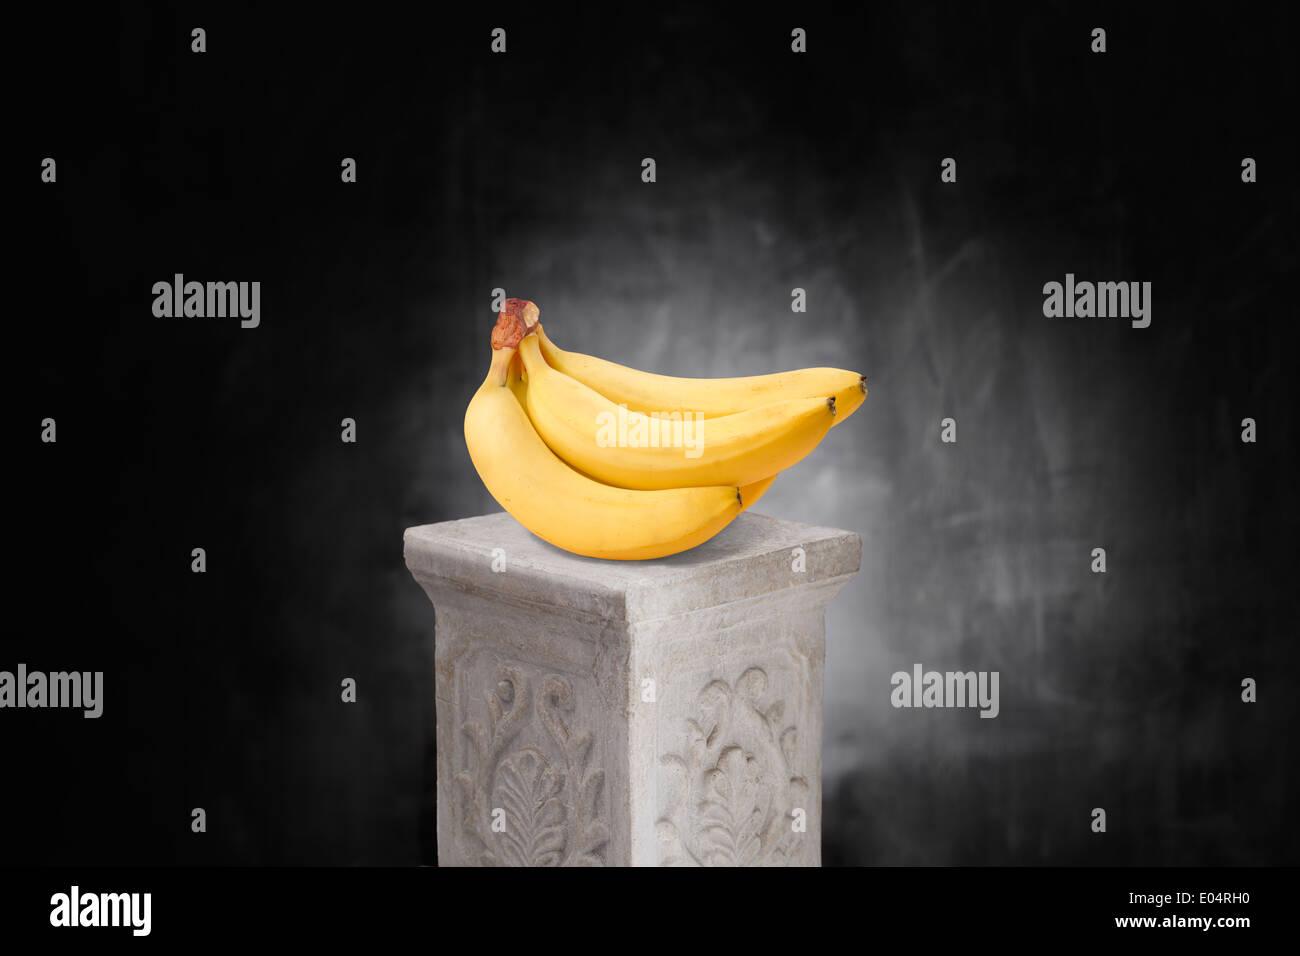 Reihe von gelben Bananen auf einem Podest. Stockbild